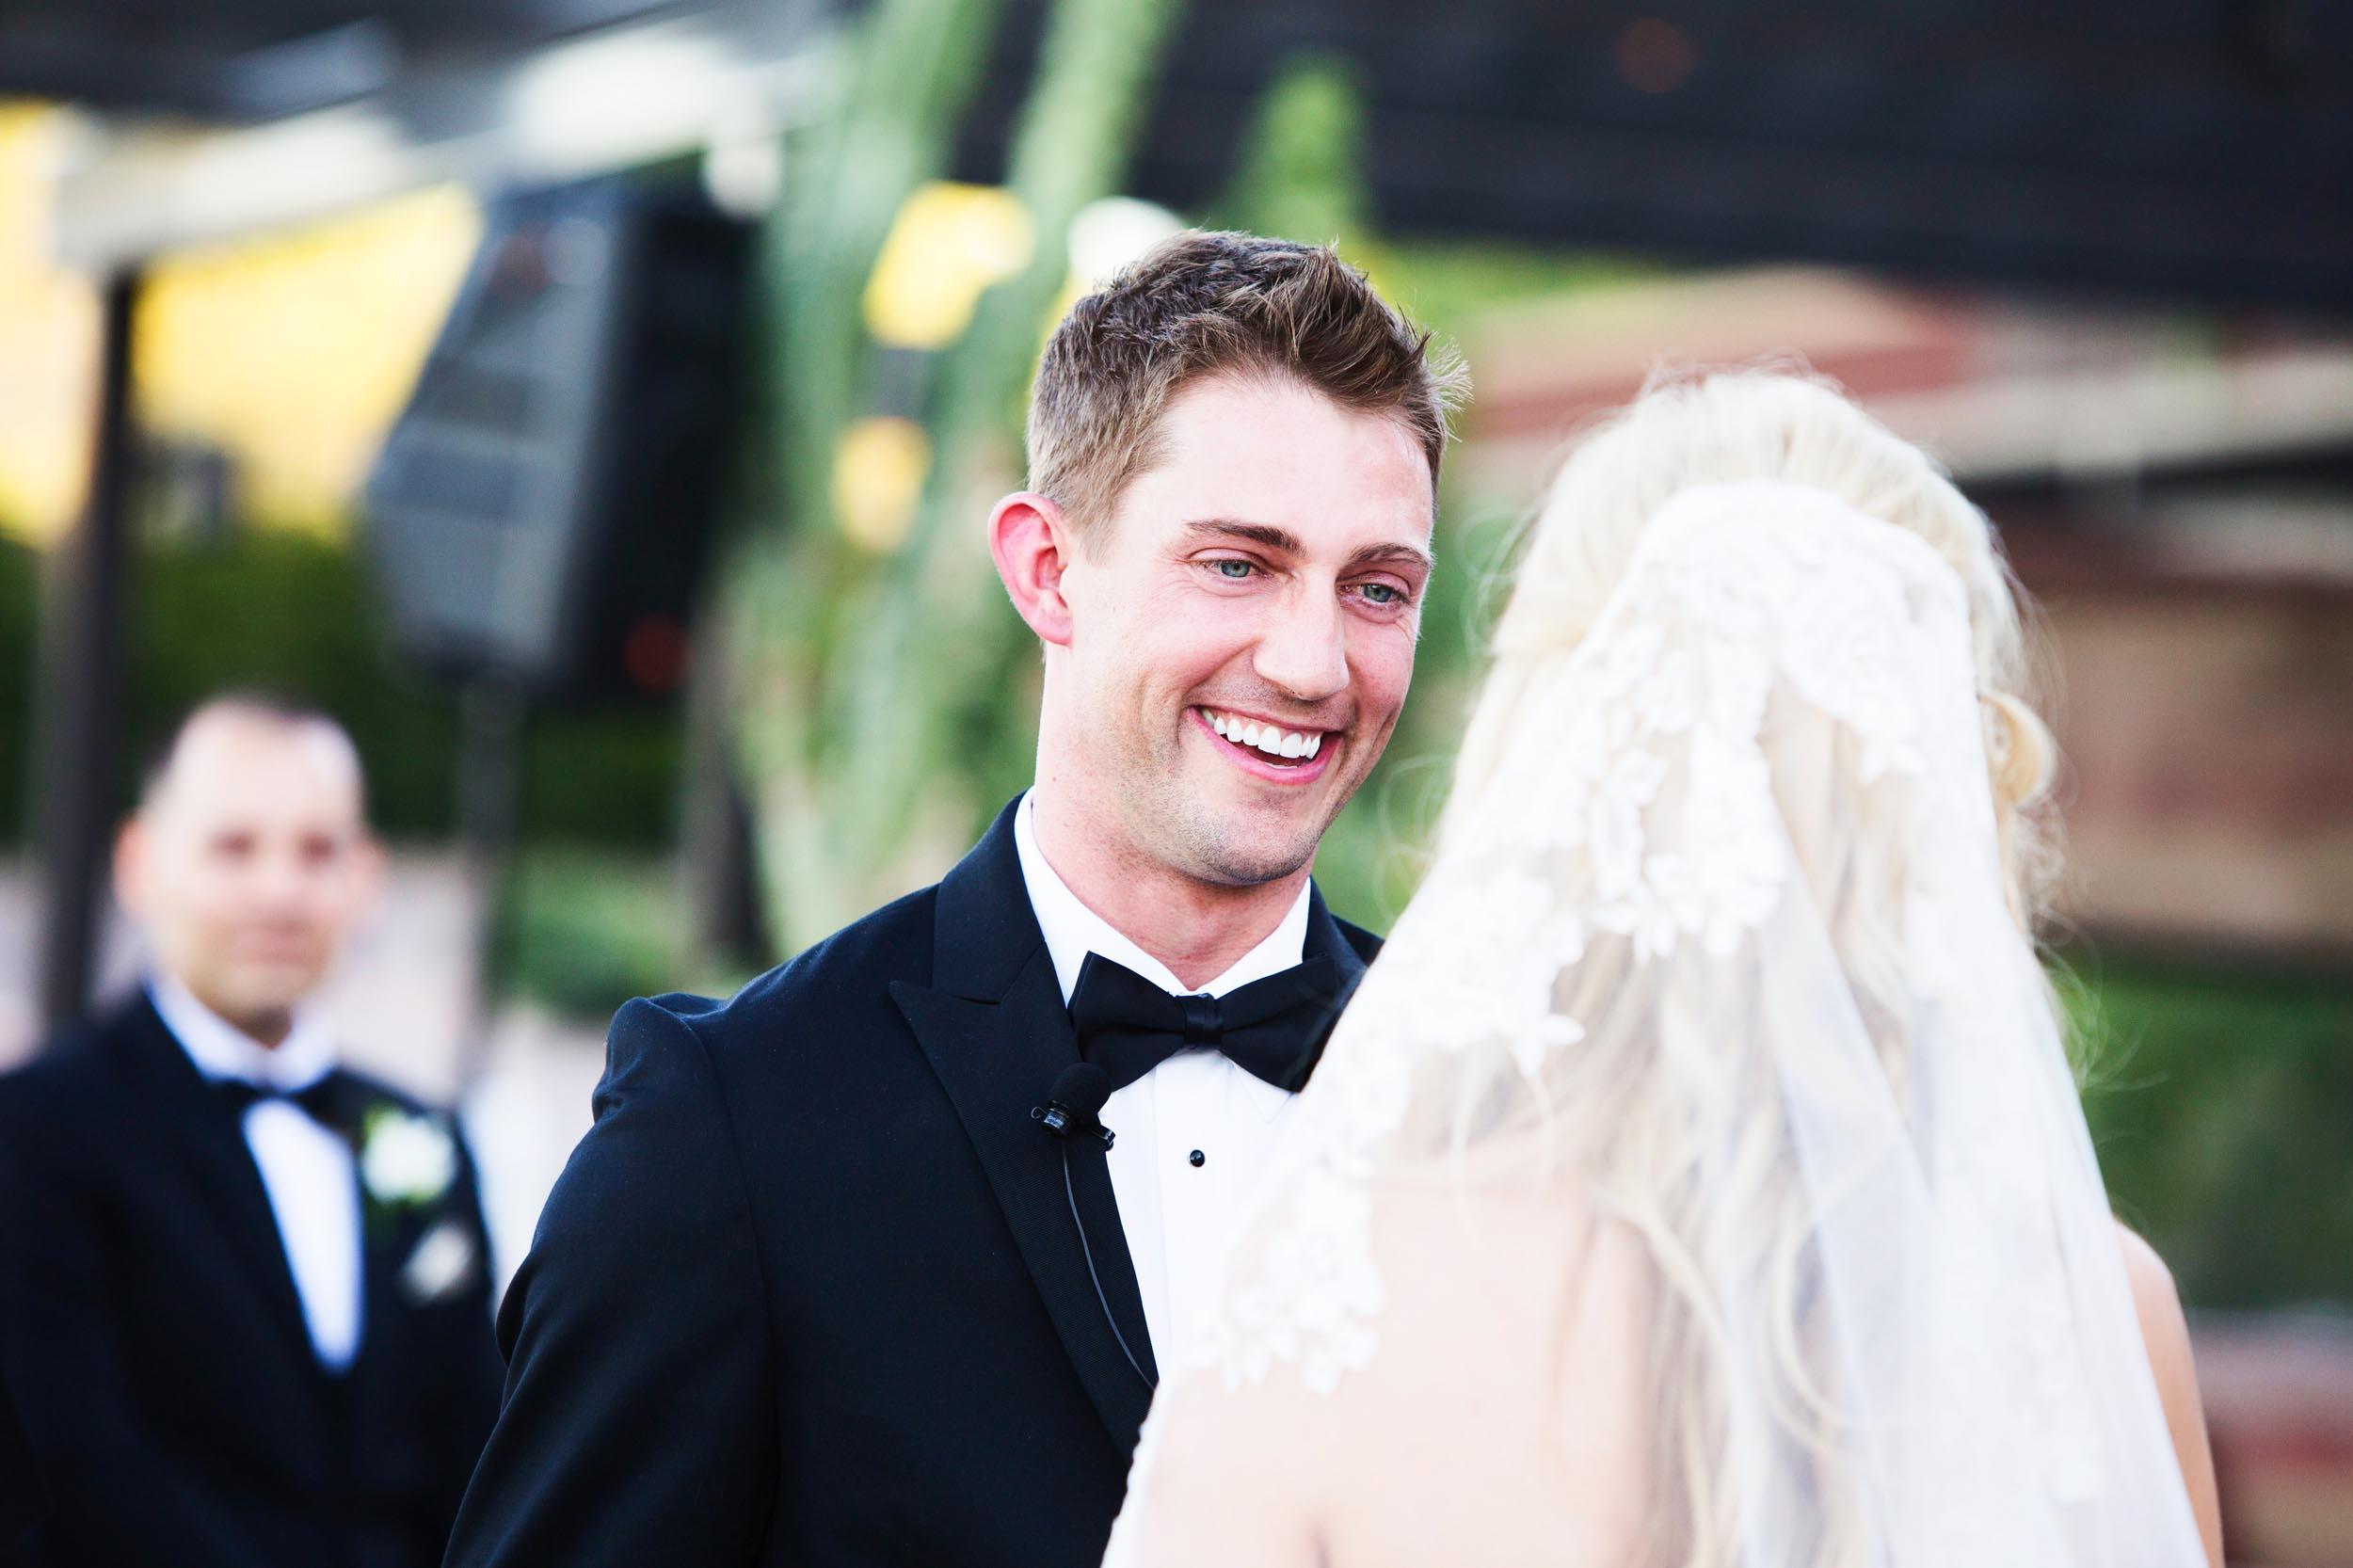 weddings-scottsdale-19.jpg